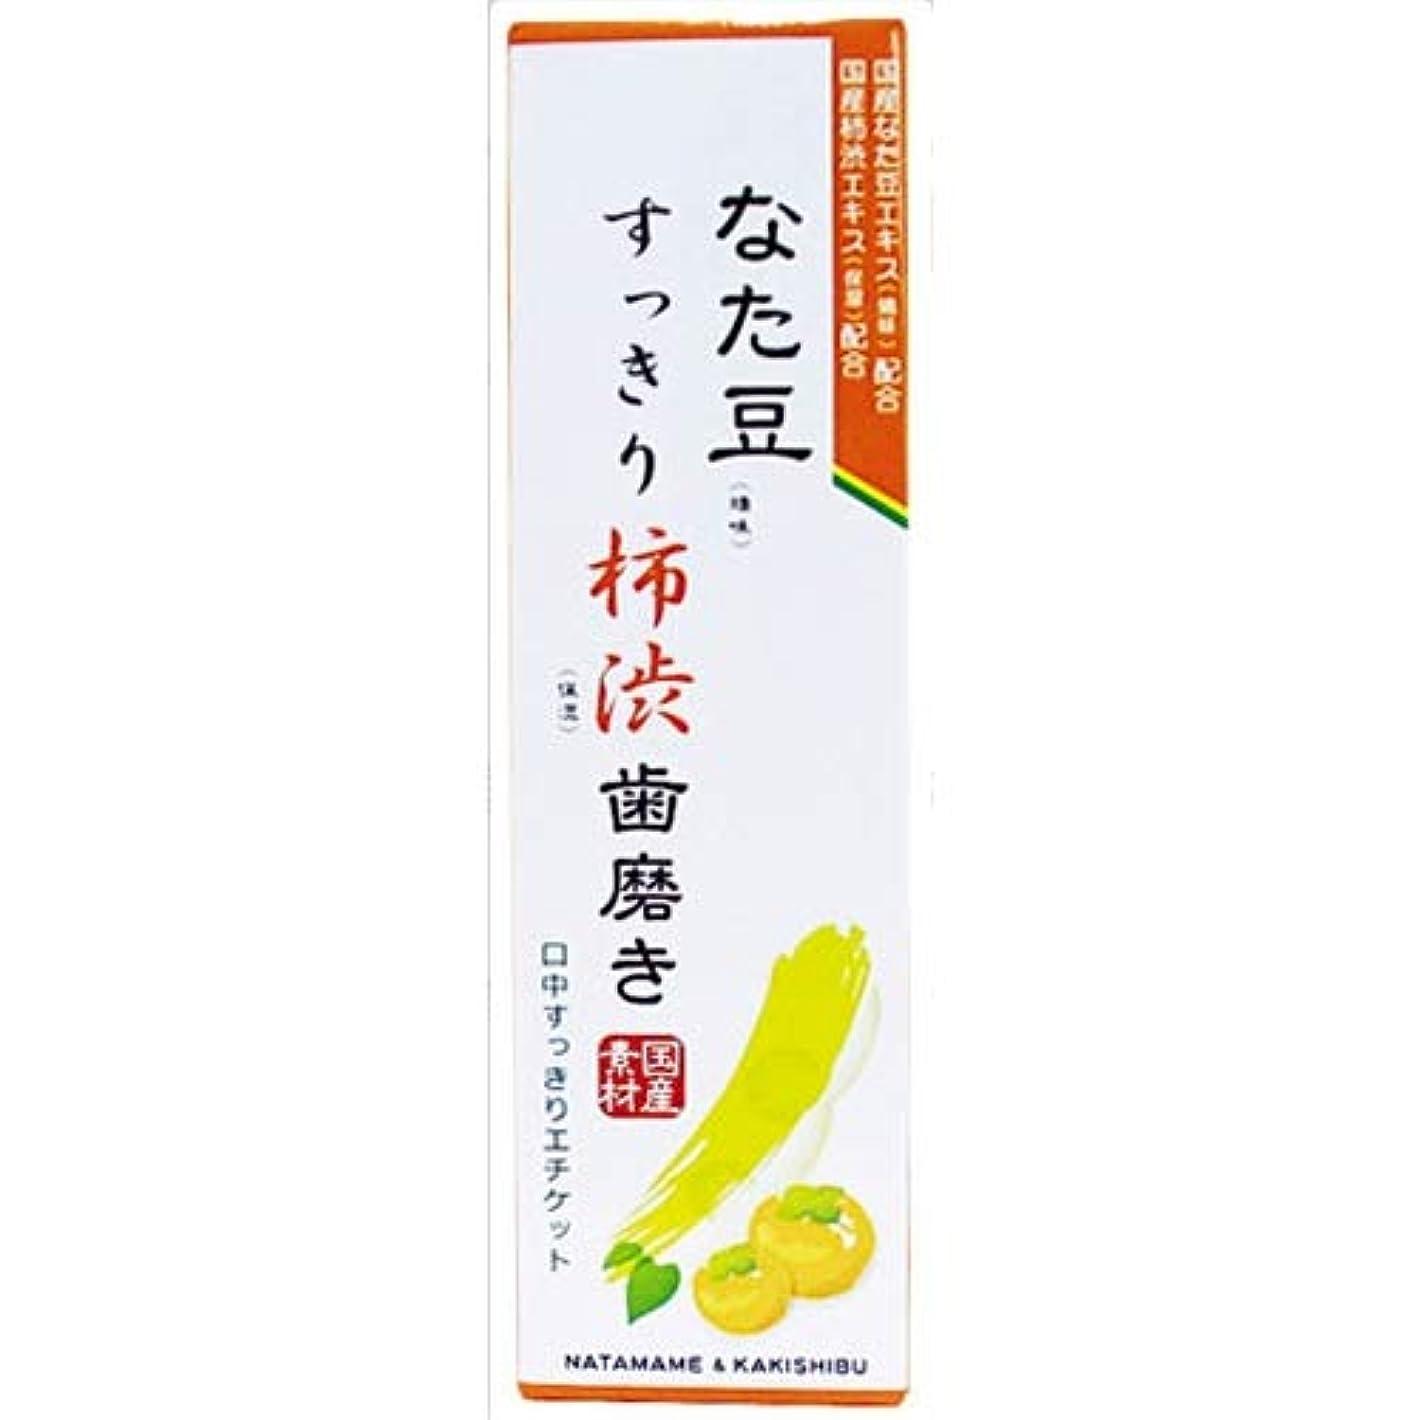 後退する徹底絶望なた豆(矯味)すっきり柿渋(保湿)歯磨き粉 × 5個セット